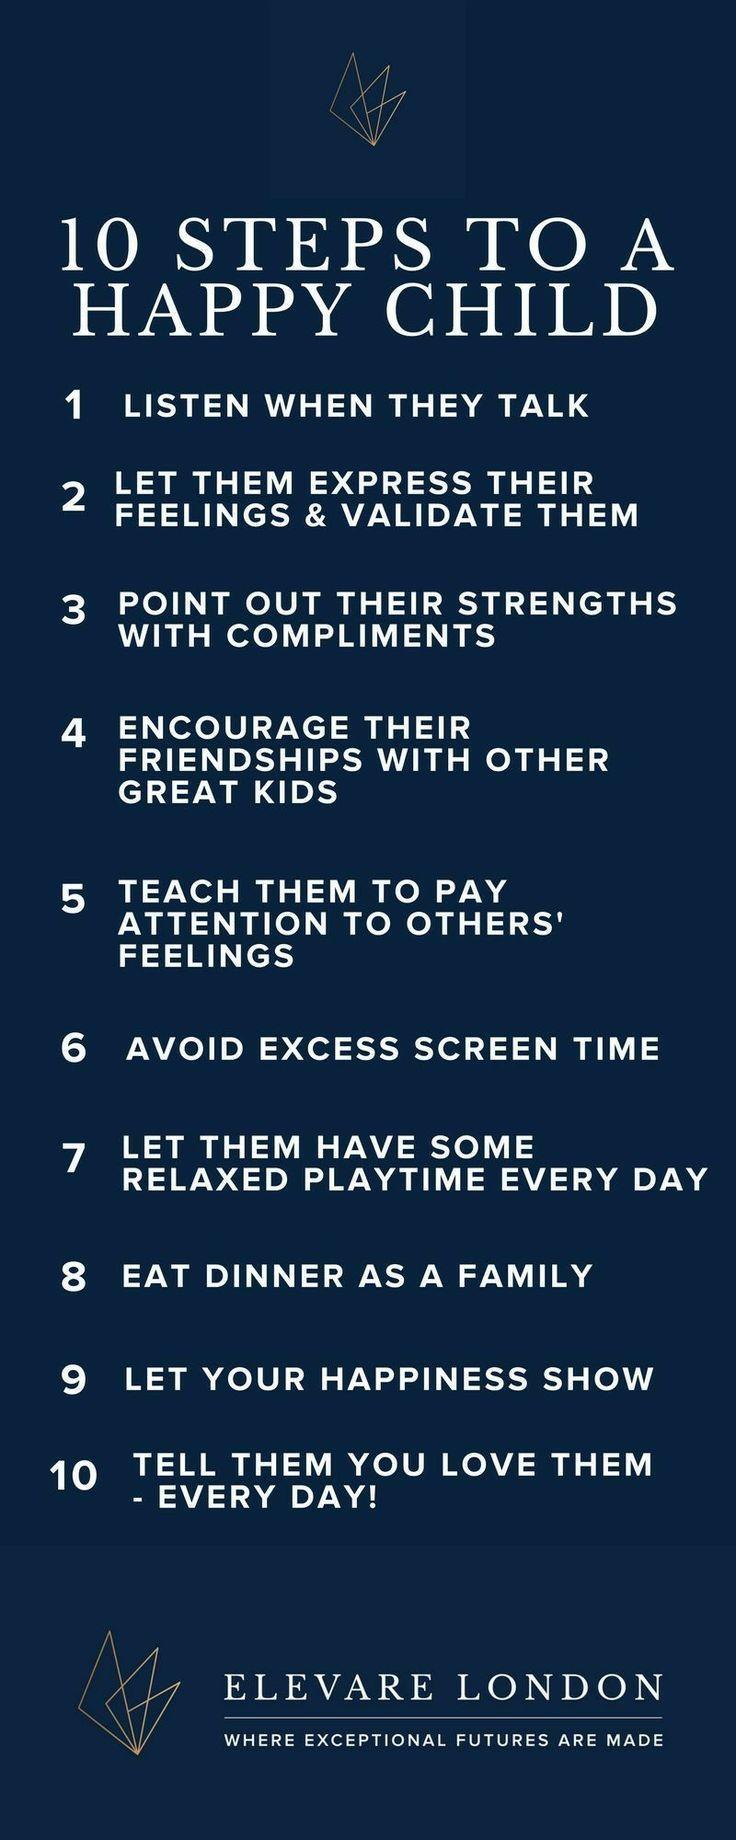 So wirkt sich negative Sprache auf Kinder aus und wie kann sie verbessert werden?, #kinder #n... #parenting